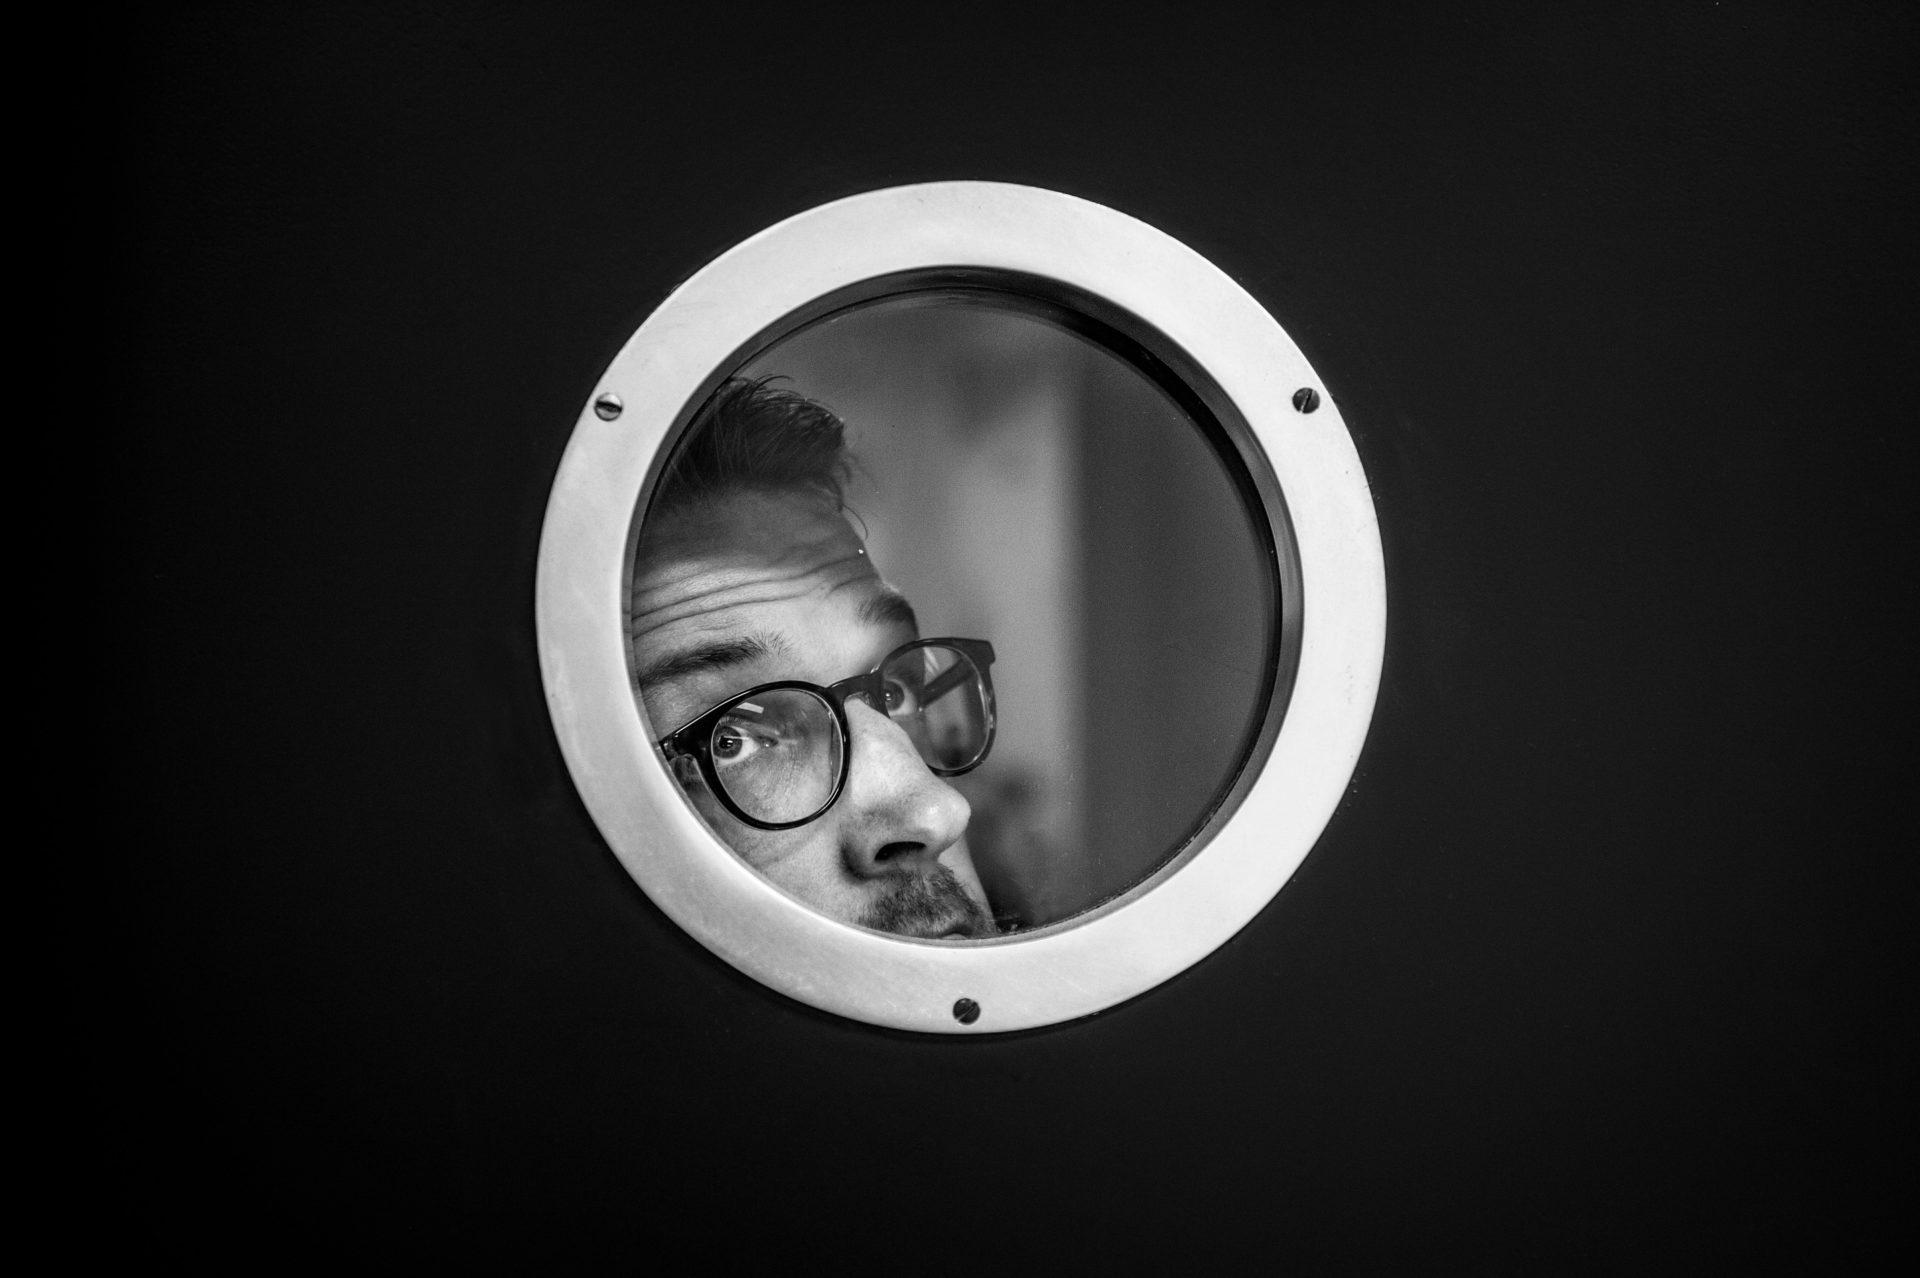 Foto's voor ondernemers - personal branding fotografie - Gerrit de Heus Media